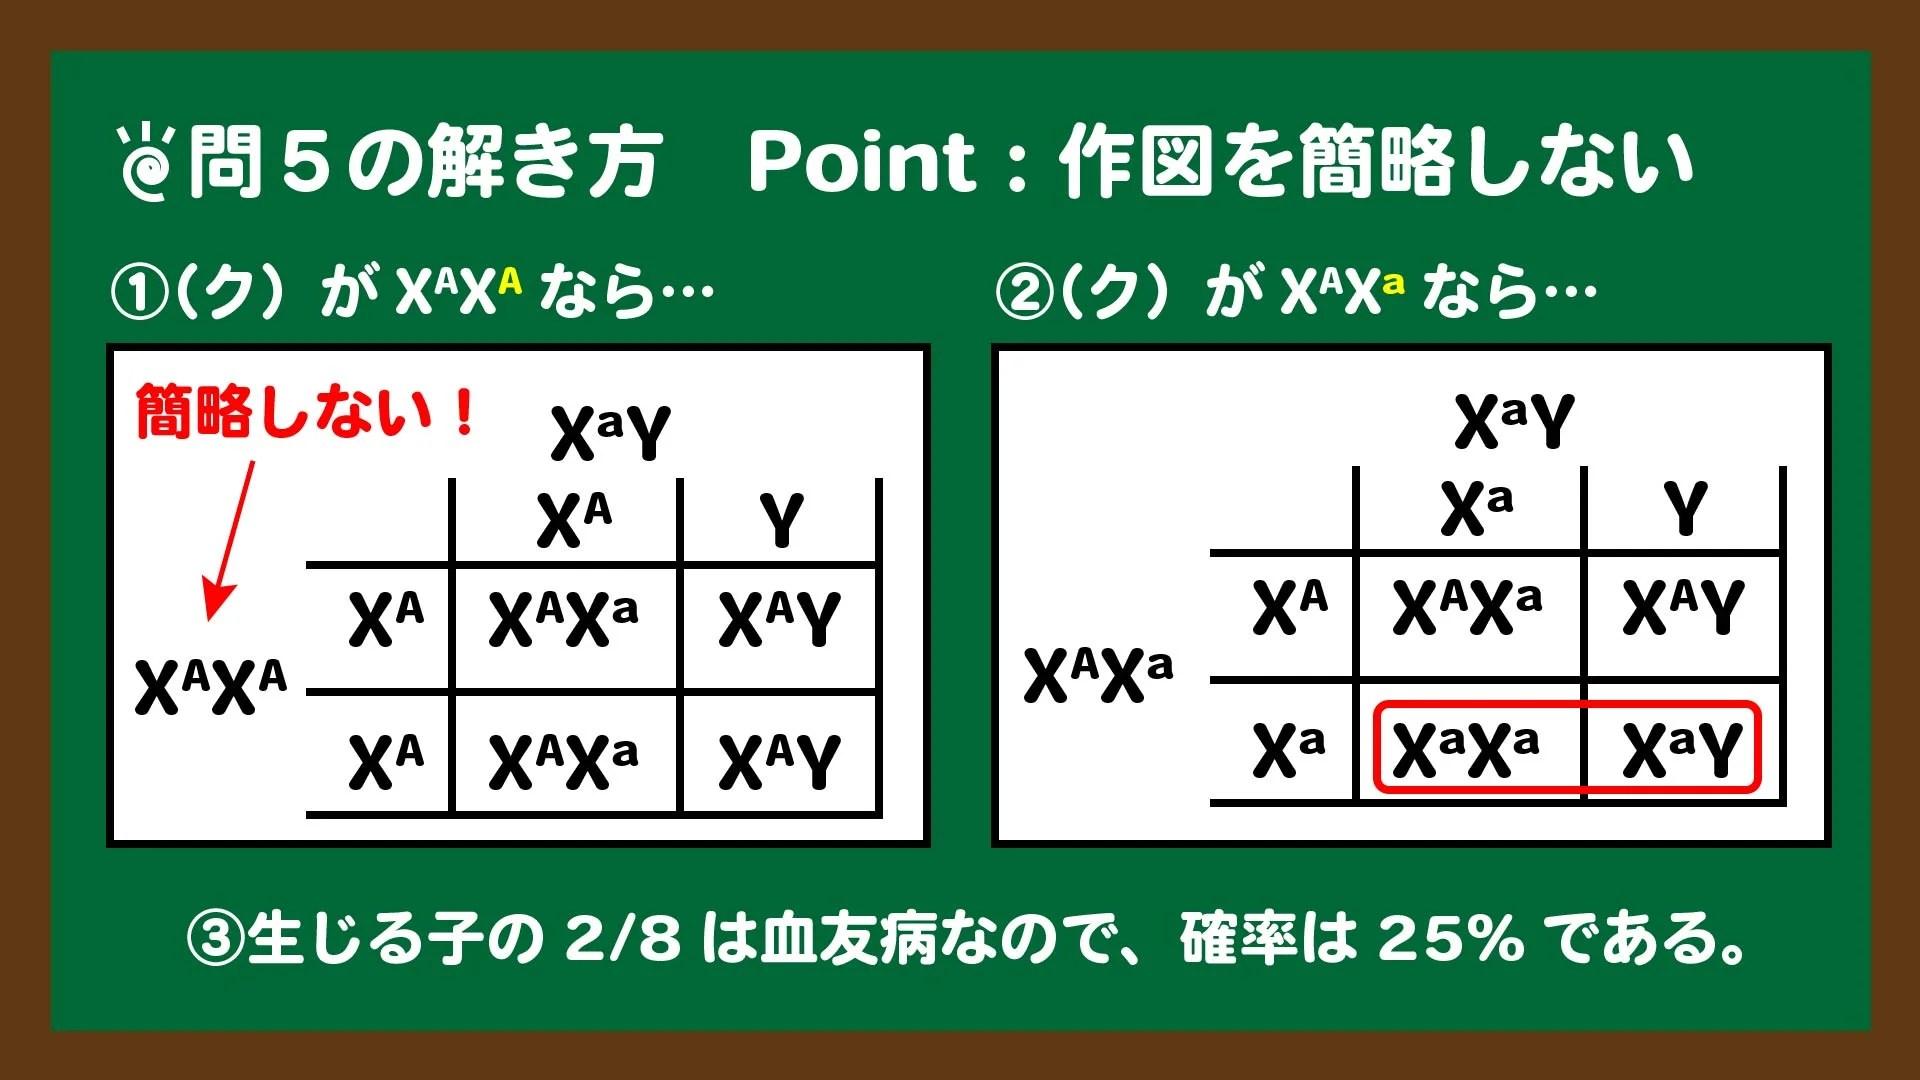 スライド7:問5の解き方